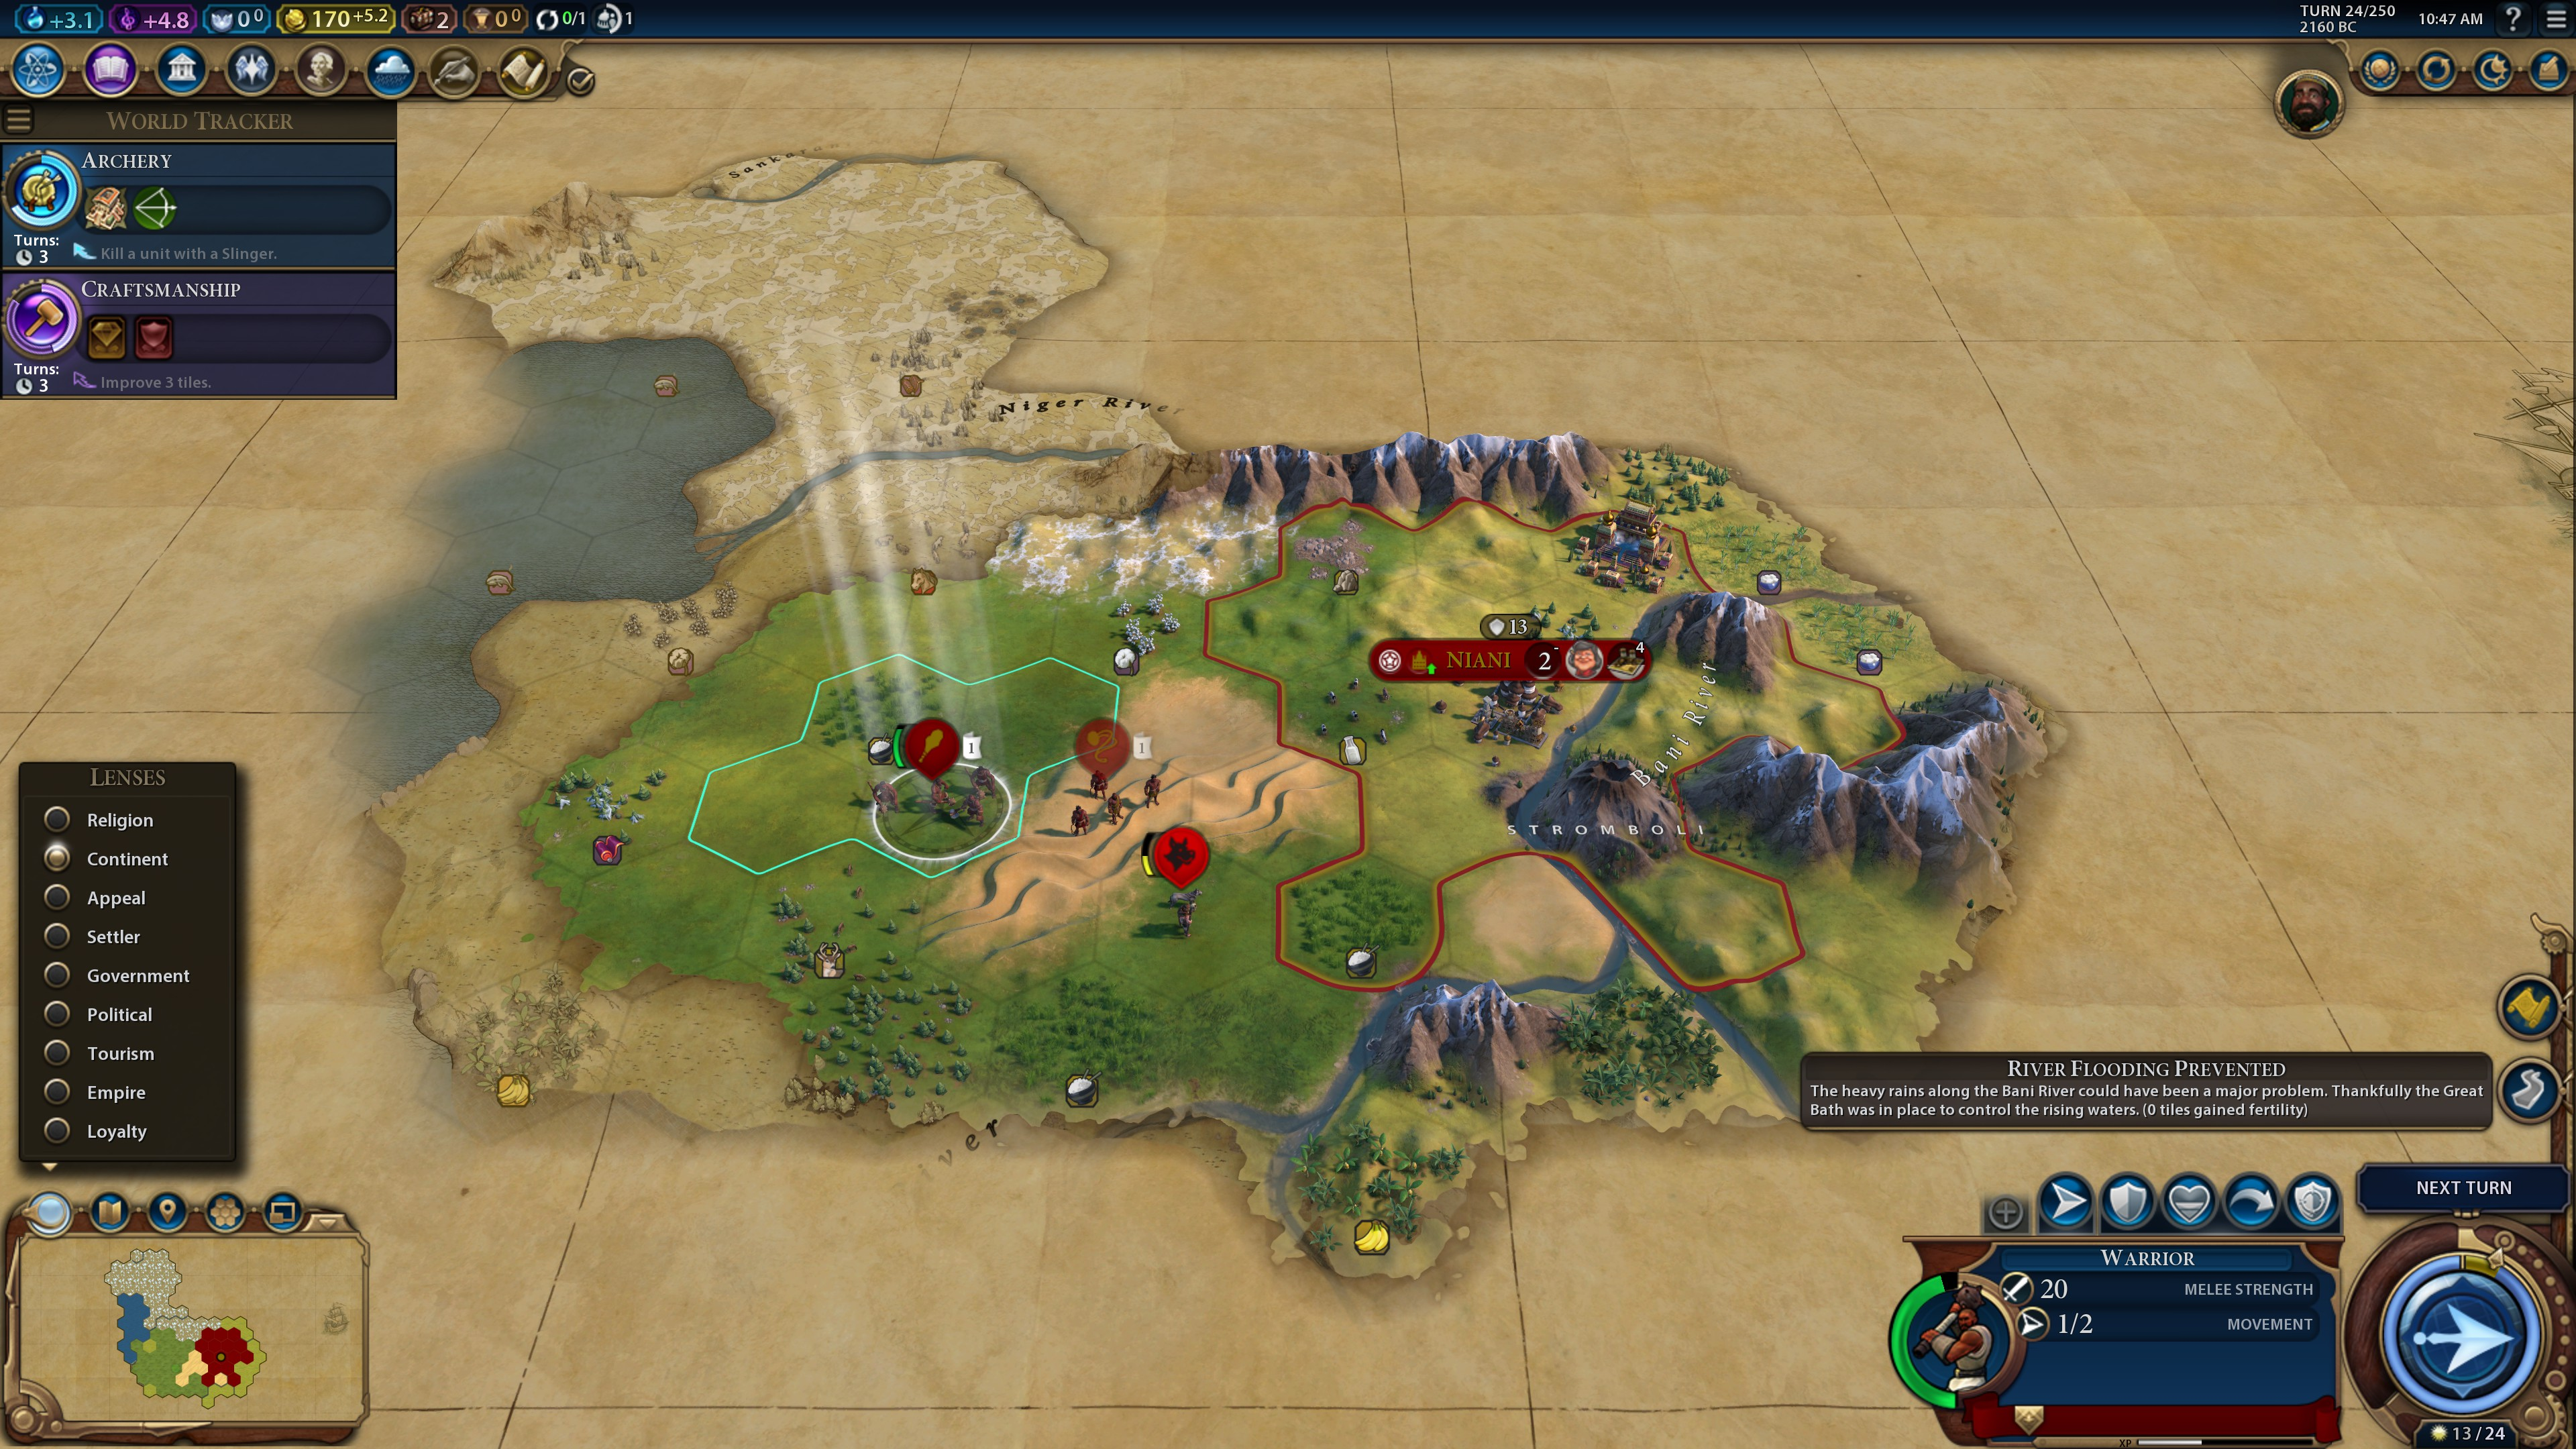 Civilization VI: Gathering Storm PC Review | GameWatcher